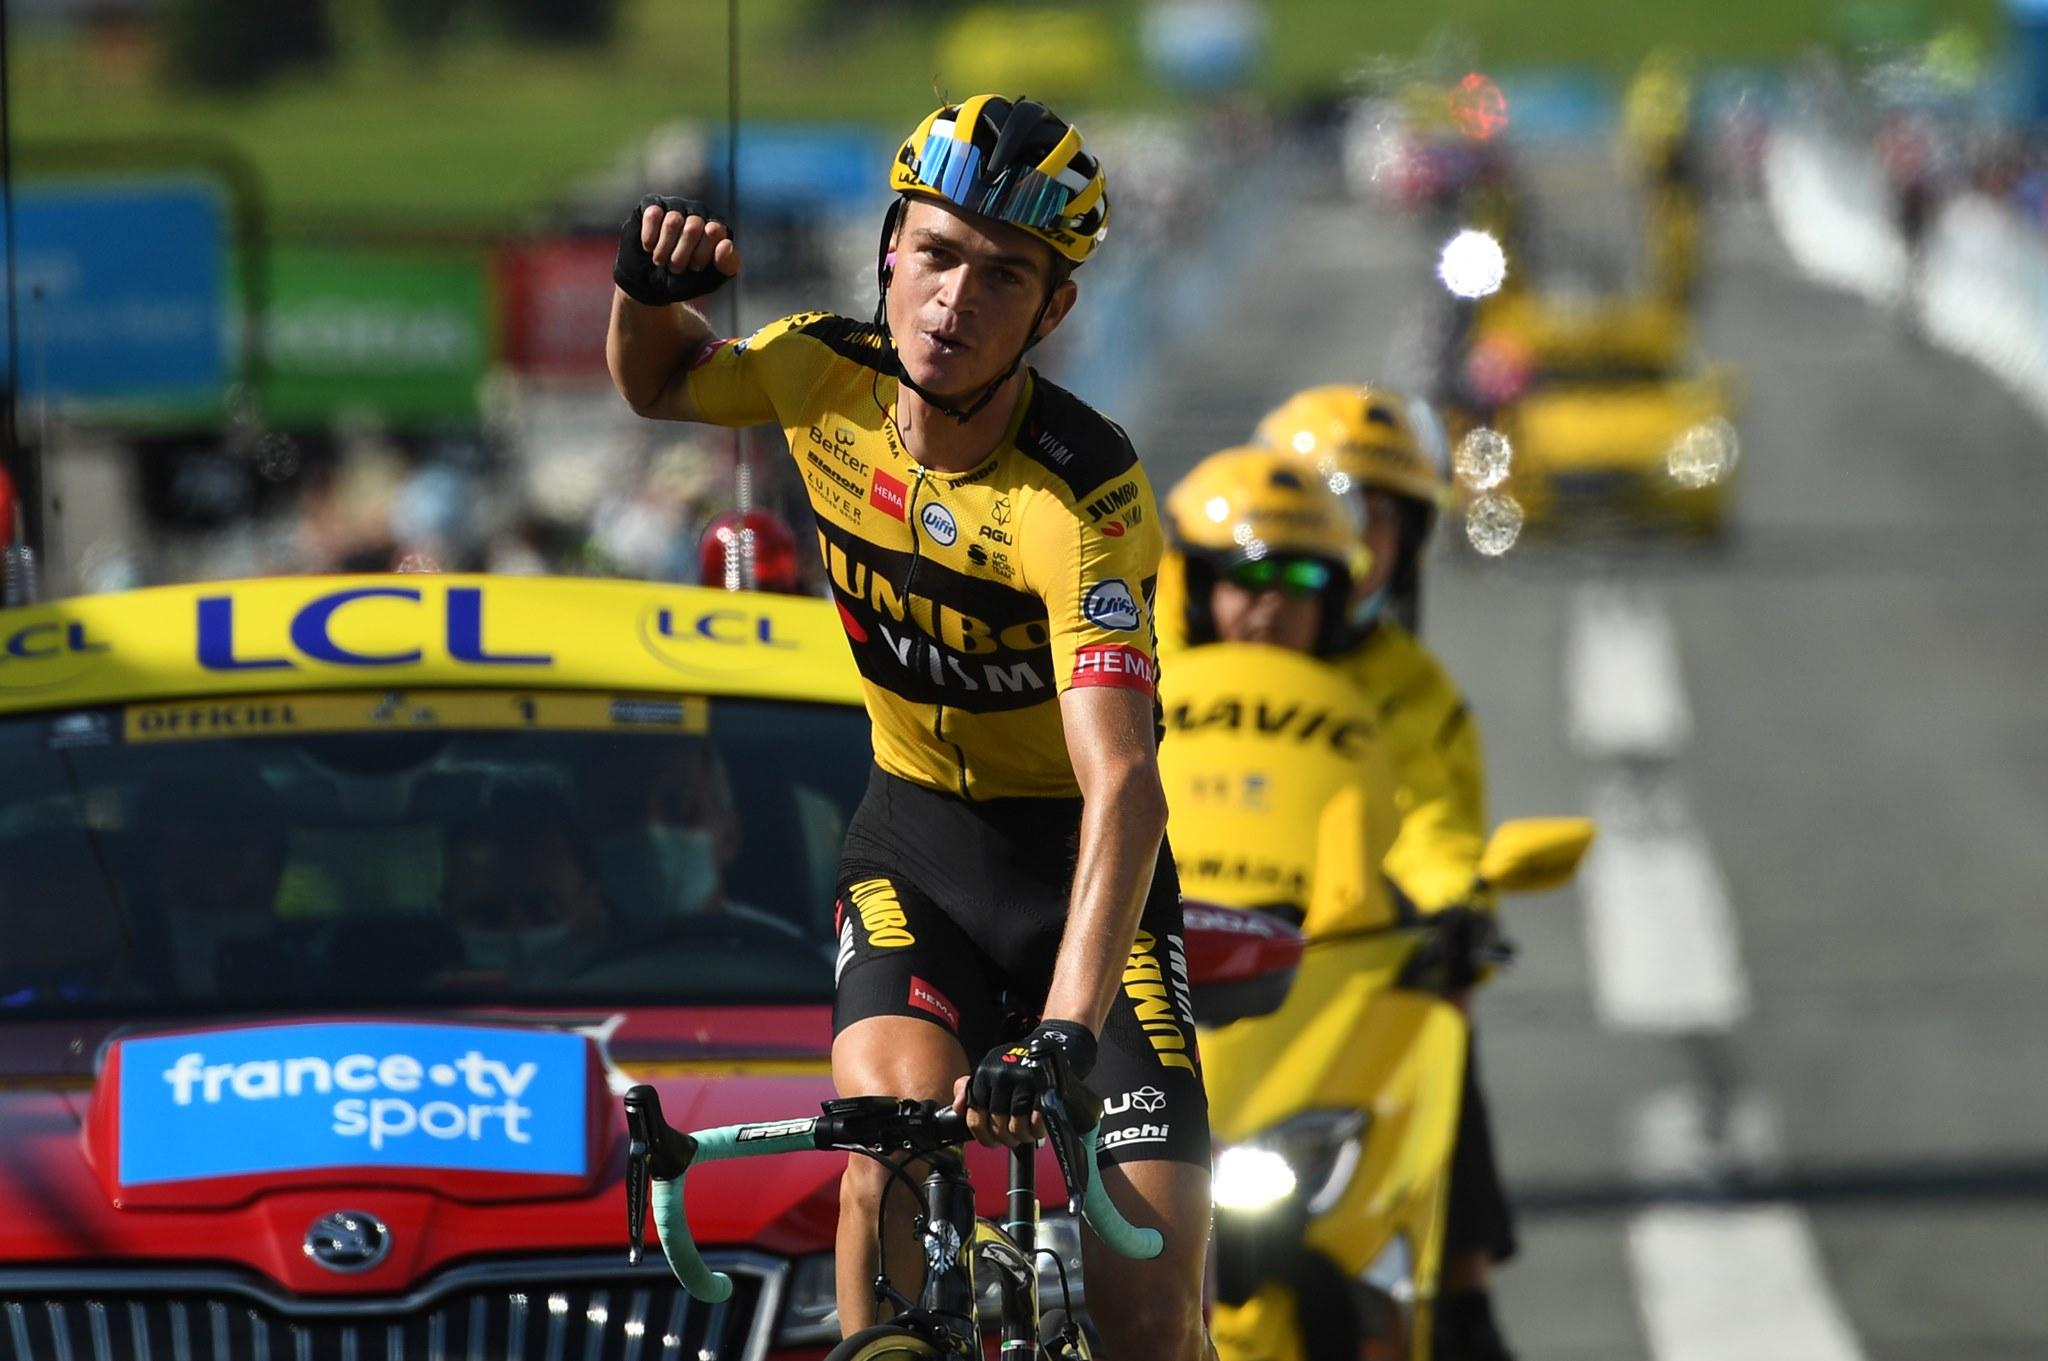 Sepp Kuss vince l'ultima tappa del Critérium du Dauphiné 2020 (foto A.S.O. / Alex Broadway)